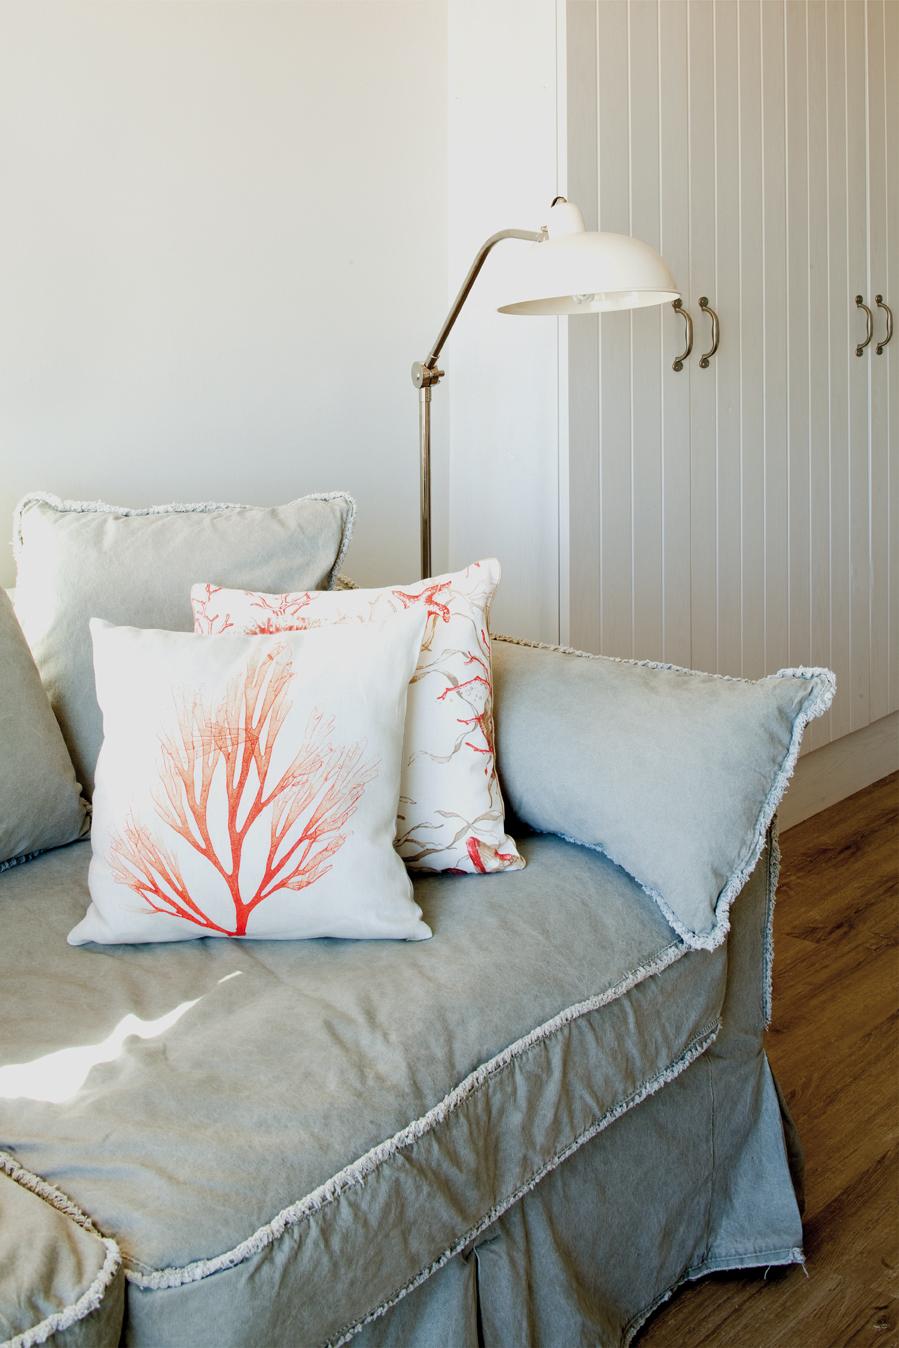 Vista de detalle del sofá con unos cojines con estampado de tonos vivos que aporta luz y color al corner